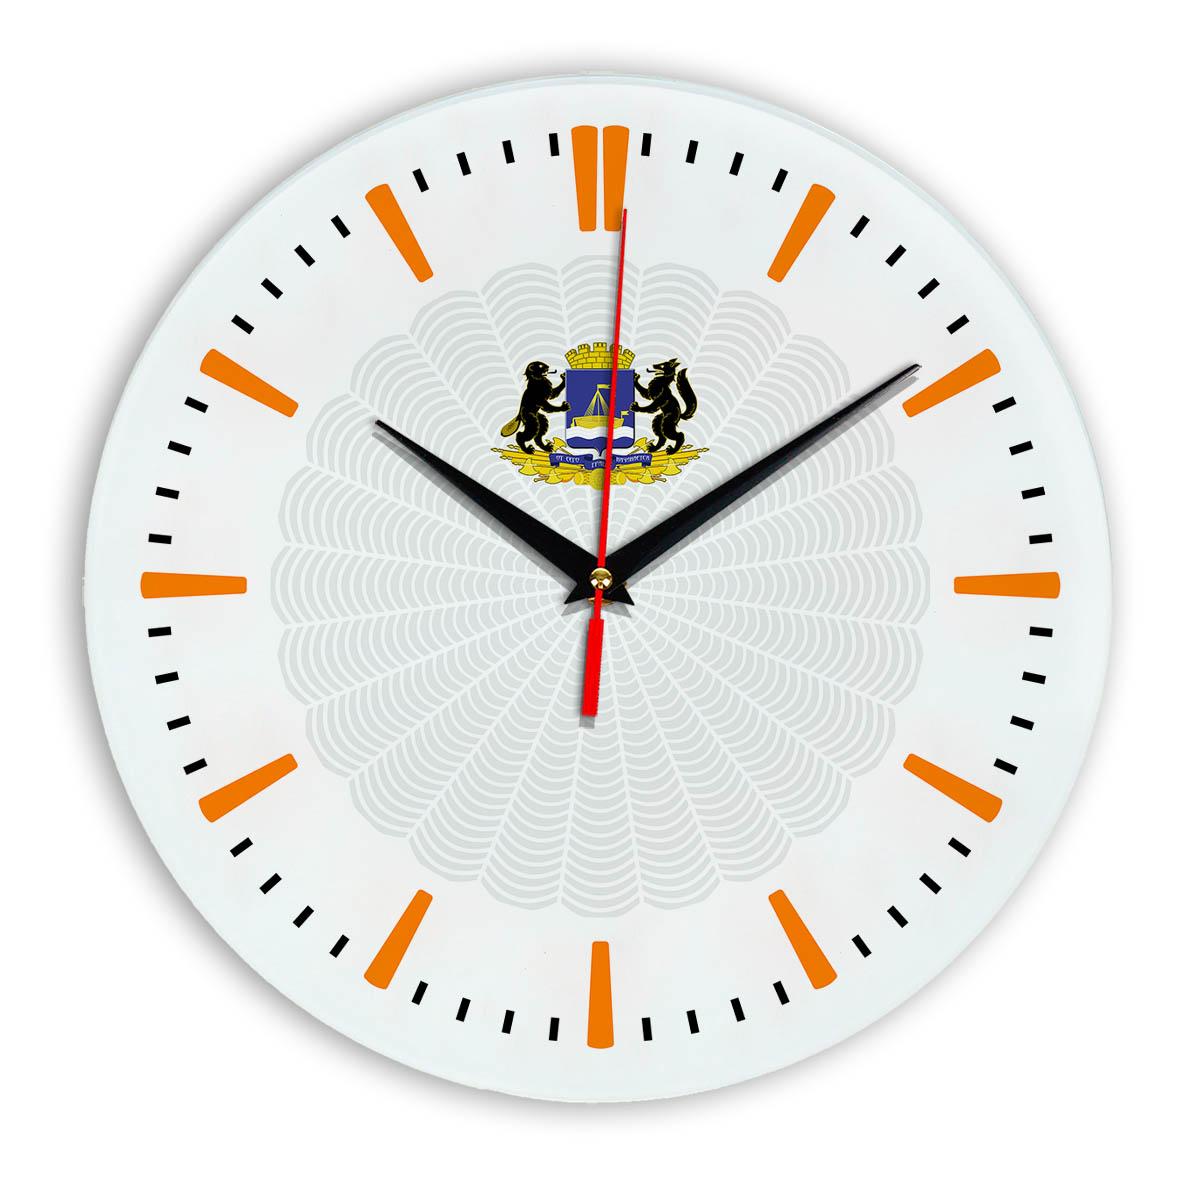 Часов тюмень оценка часа работы стоимости оборудование расчет на